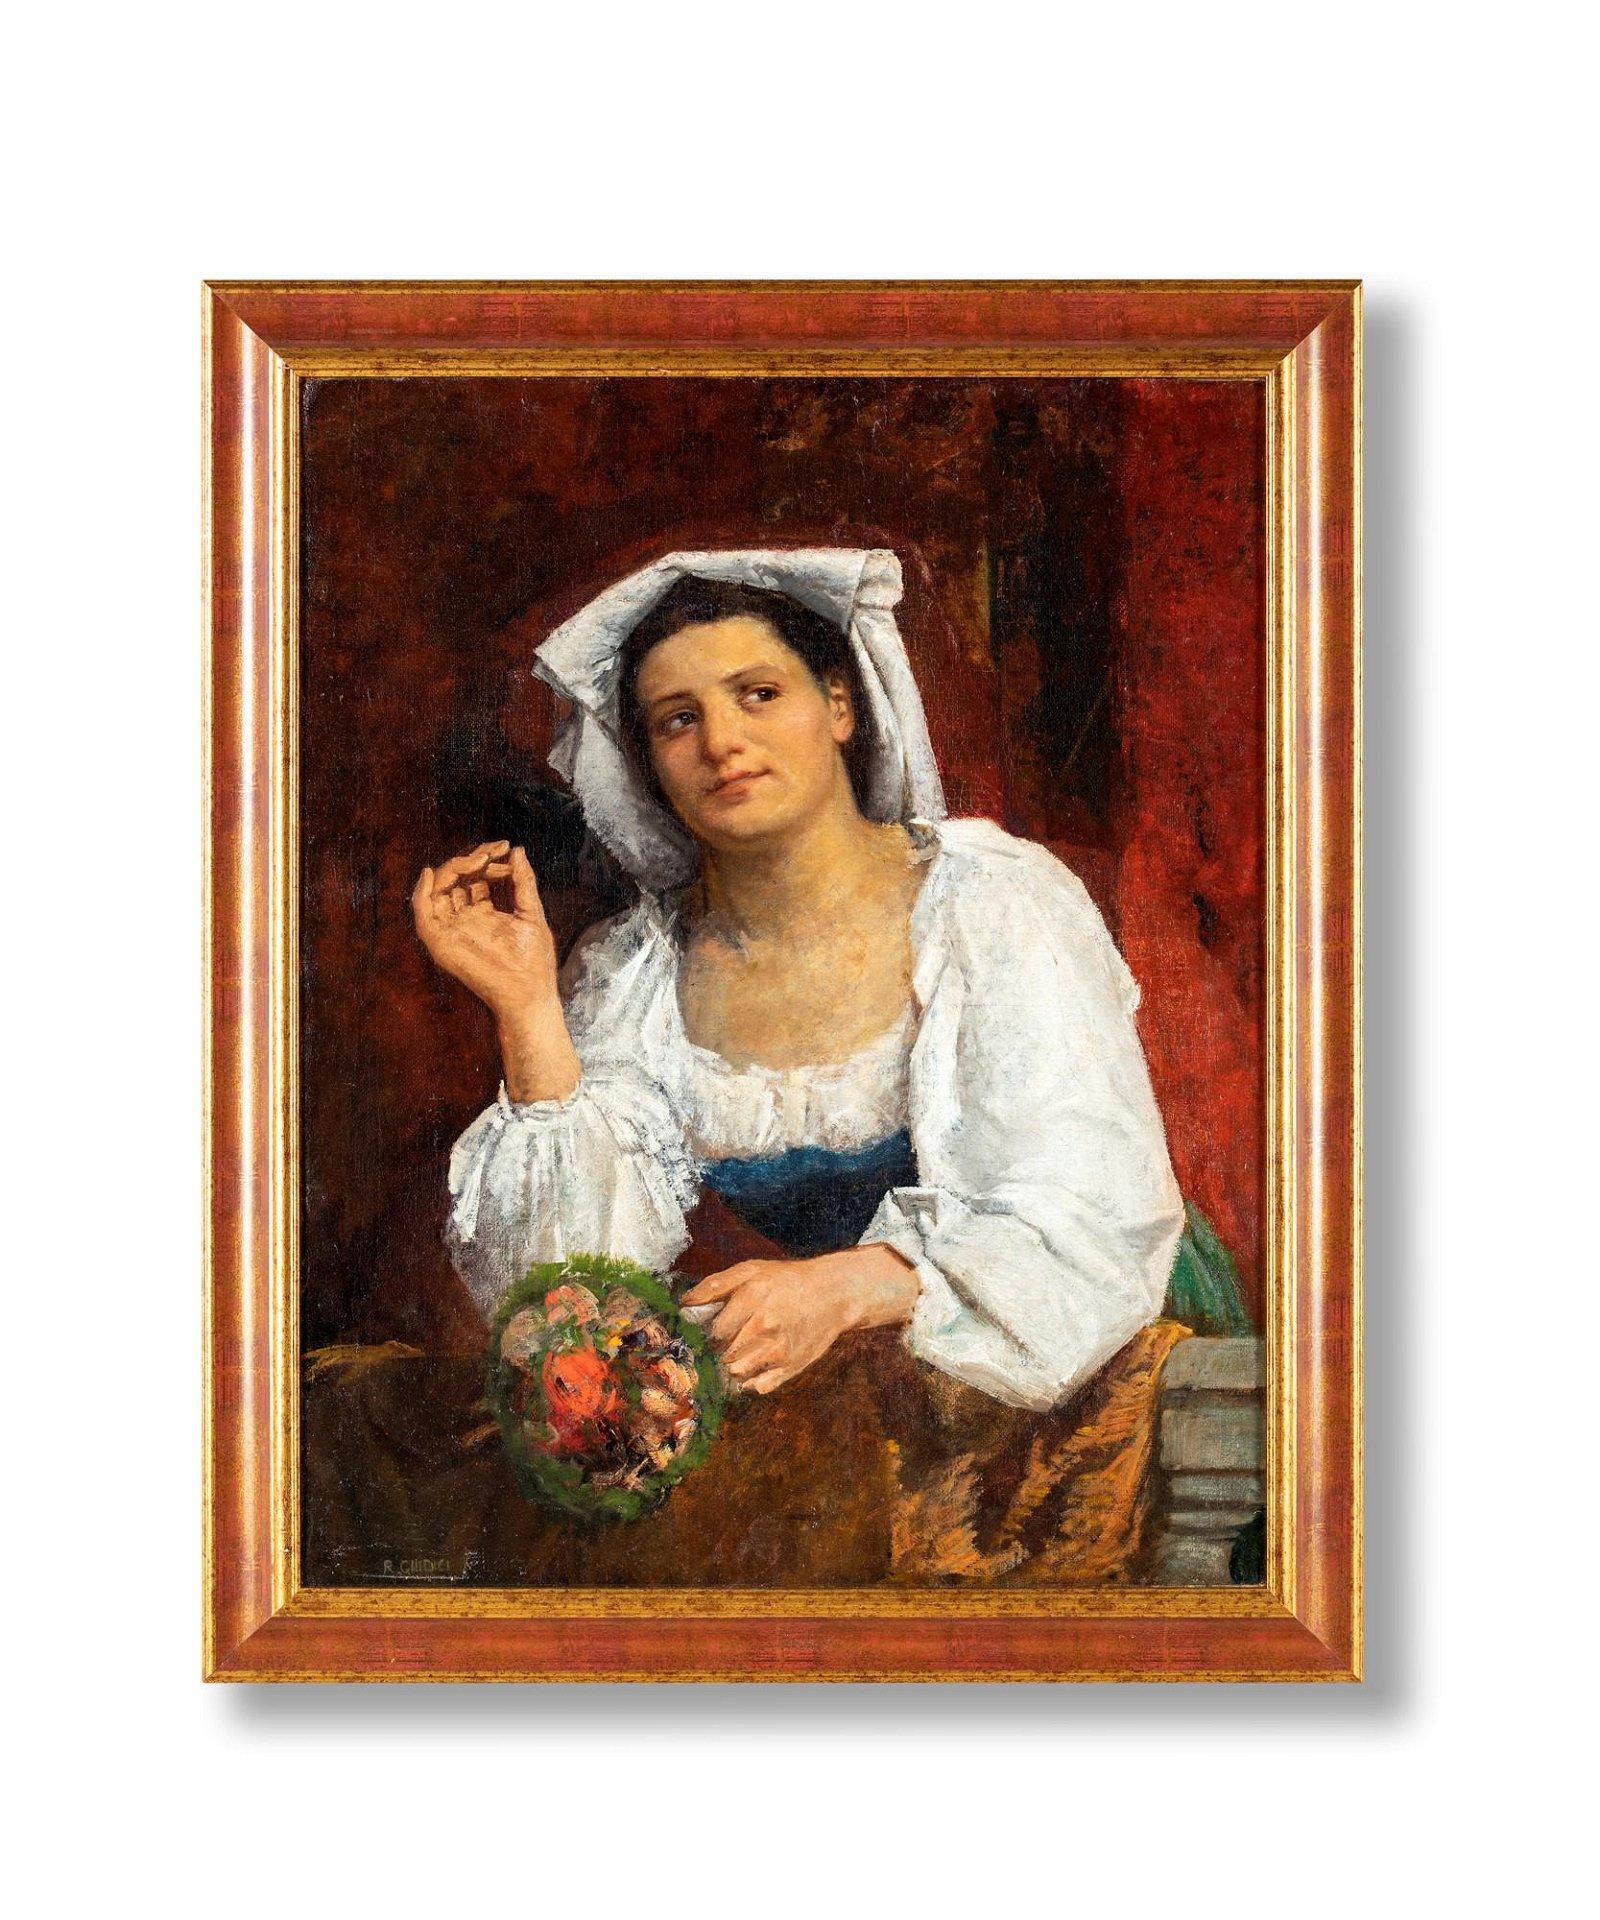 Portrait of a villan with bouquet